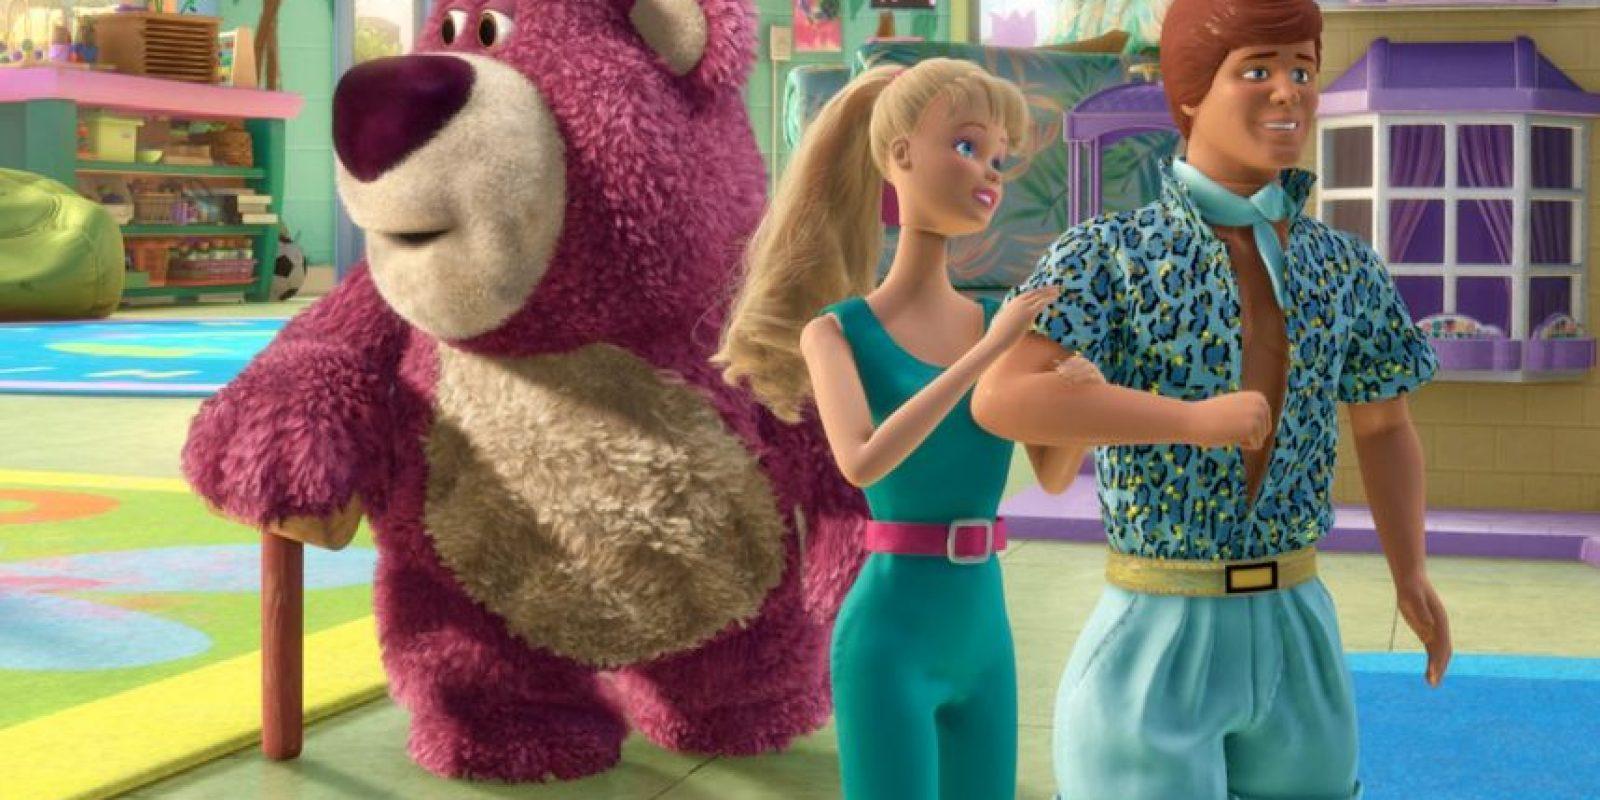 Mattel originalmente no quería a Barbie en la película porque pensaban que la ésta iba a ser un fracaso. Tampoco querían que Barbie tuviera una personalidad definida, prefiriendo dejar que los niños imaginaran los rasgos de la muñeca por su cuenta. Cuando la película fue un éxito enorme, Mattel dejó que ella aparezca en Toy Story 2 Foto:Disney